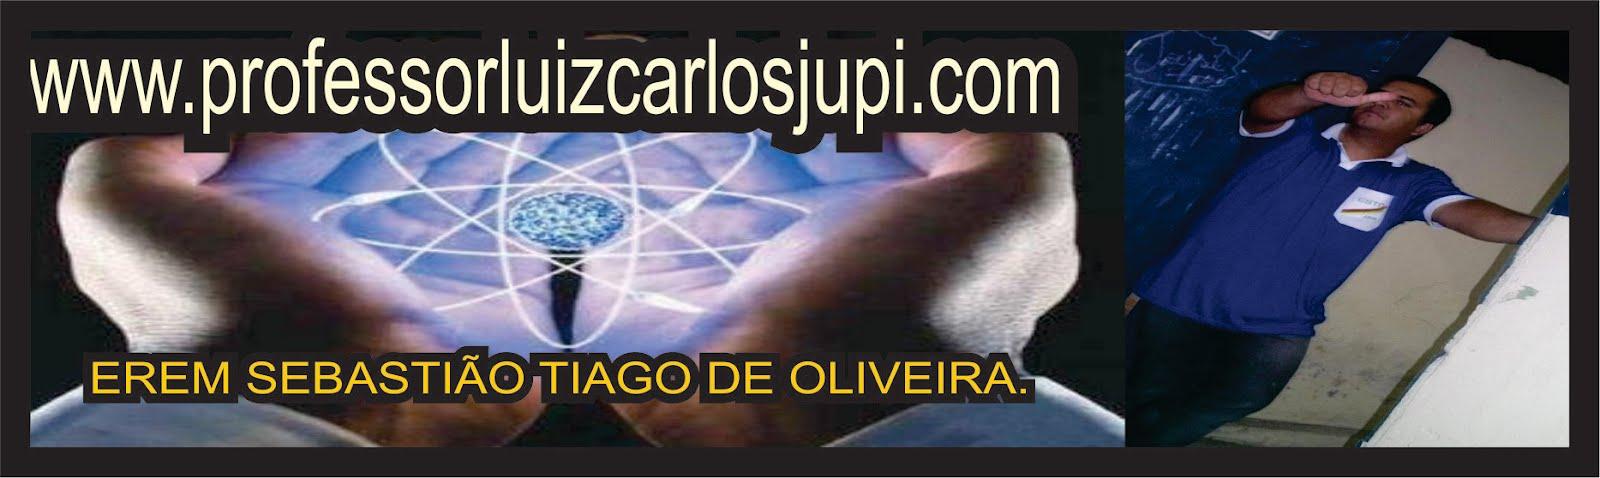 Prof. Luiz Carlos Física e Matemática